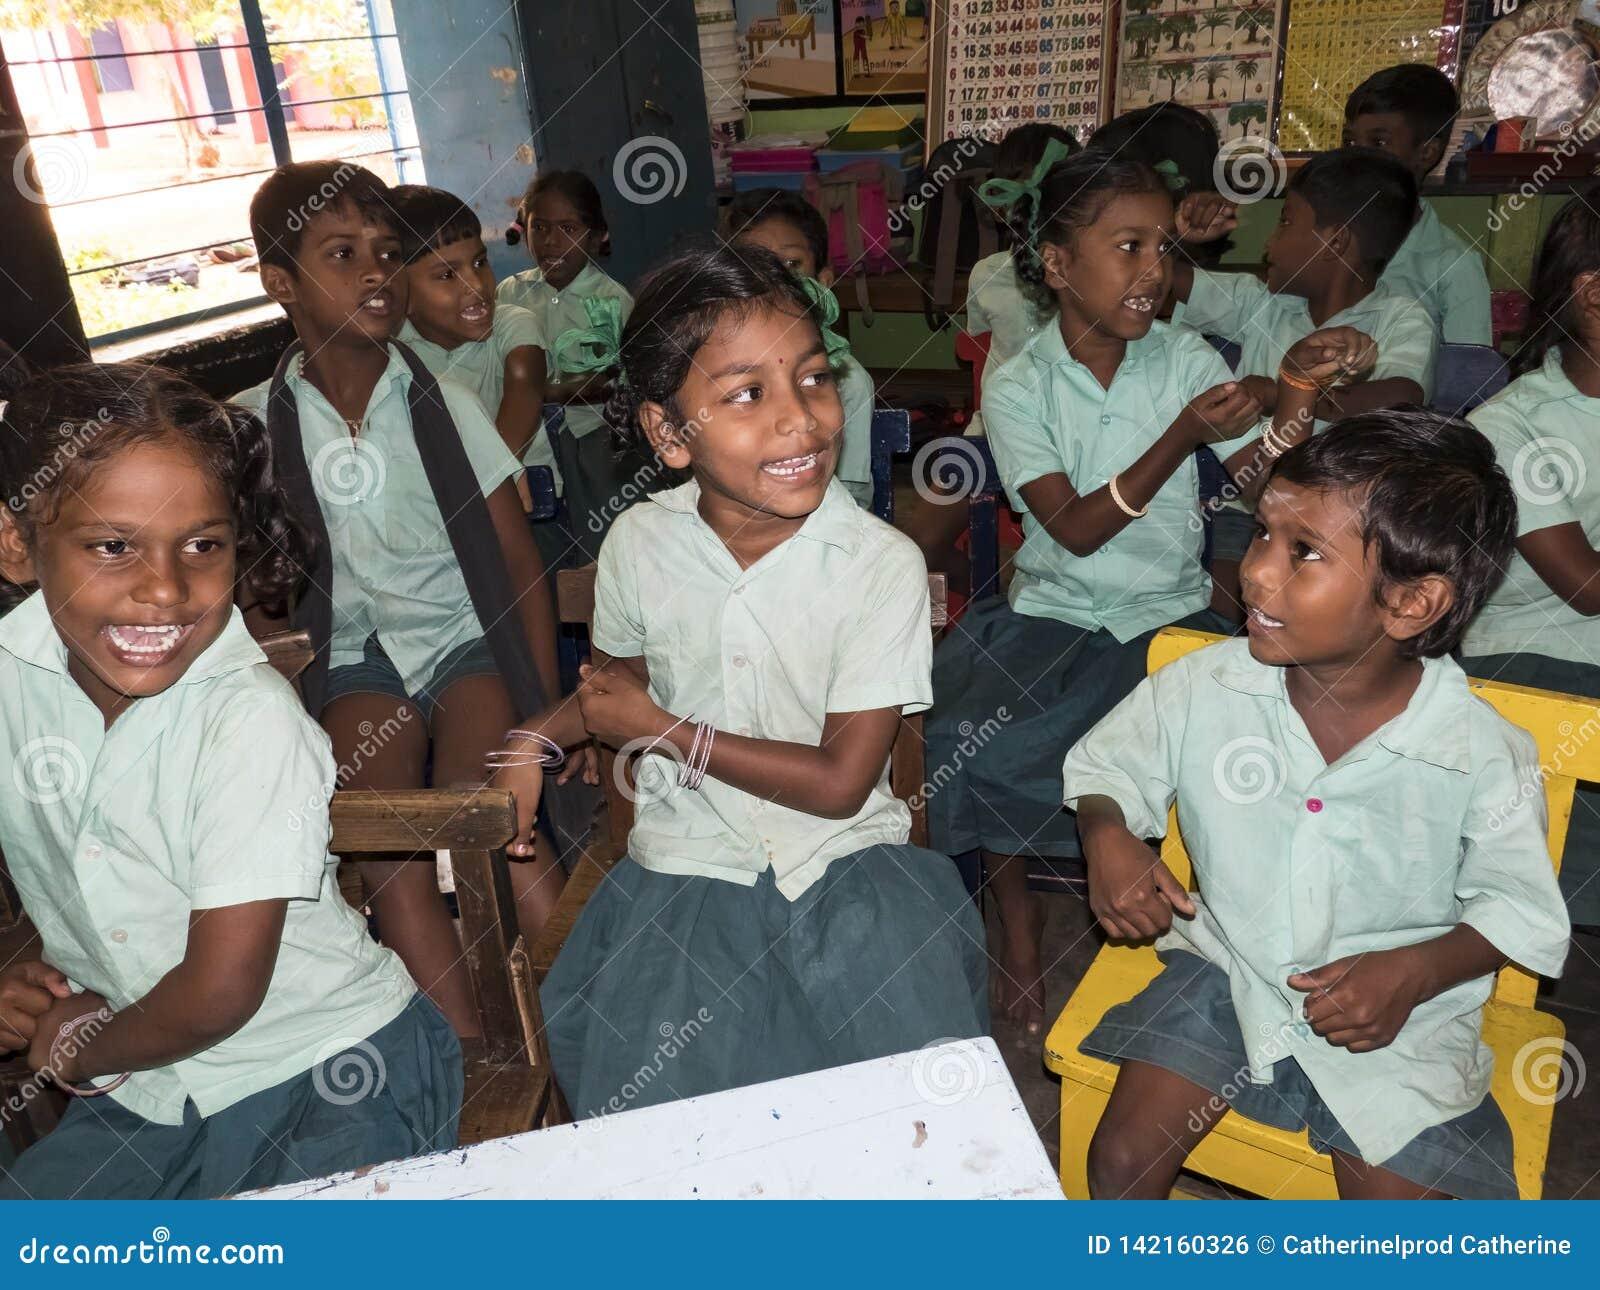 Szczęśliwe śmieszne dziecko przyjaciół dziewczyny i chłopiec koledzy z klasy uśmiecha się śmiać się w sali lekcyjnej przy szkołą